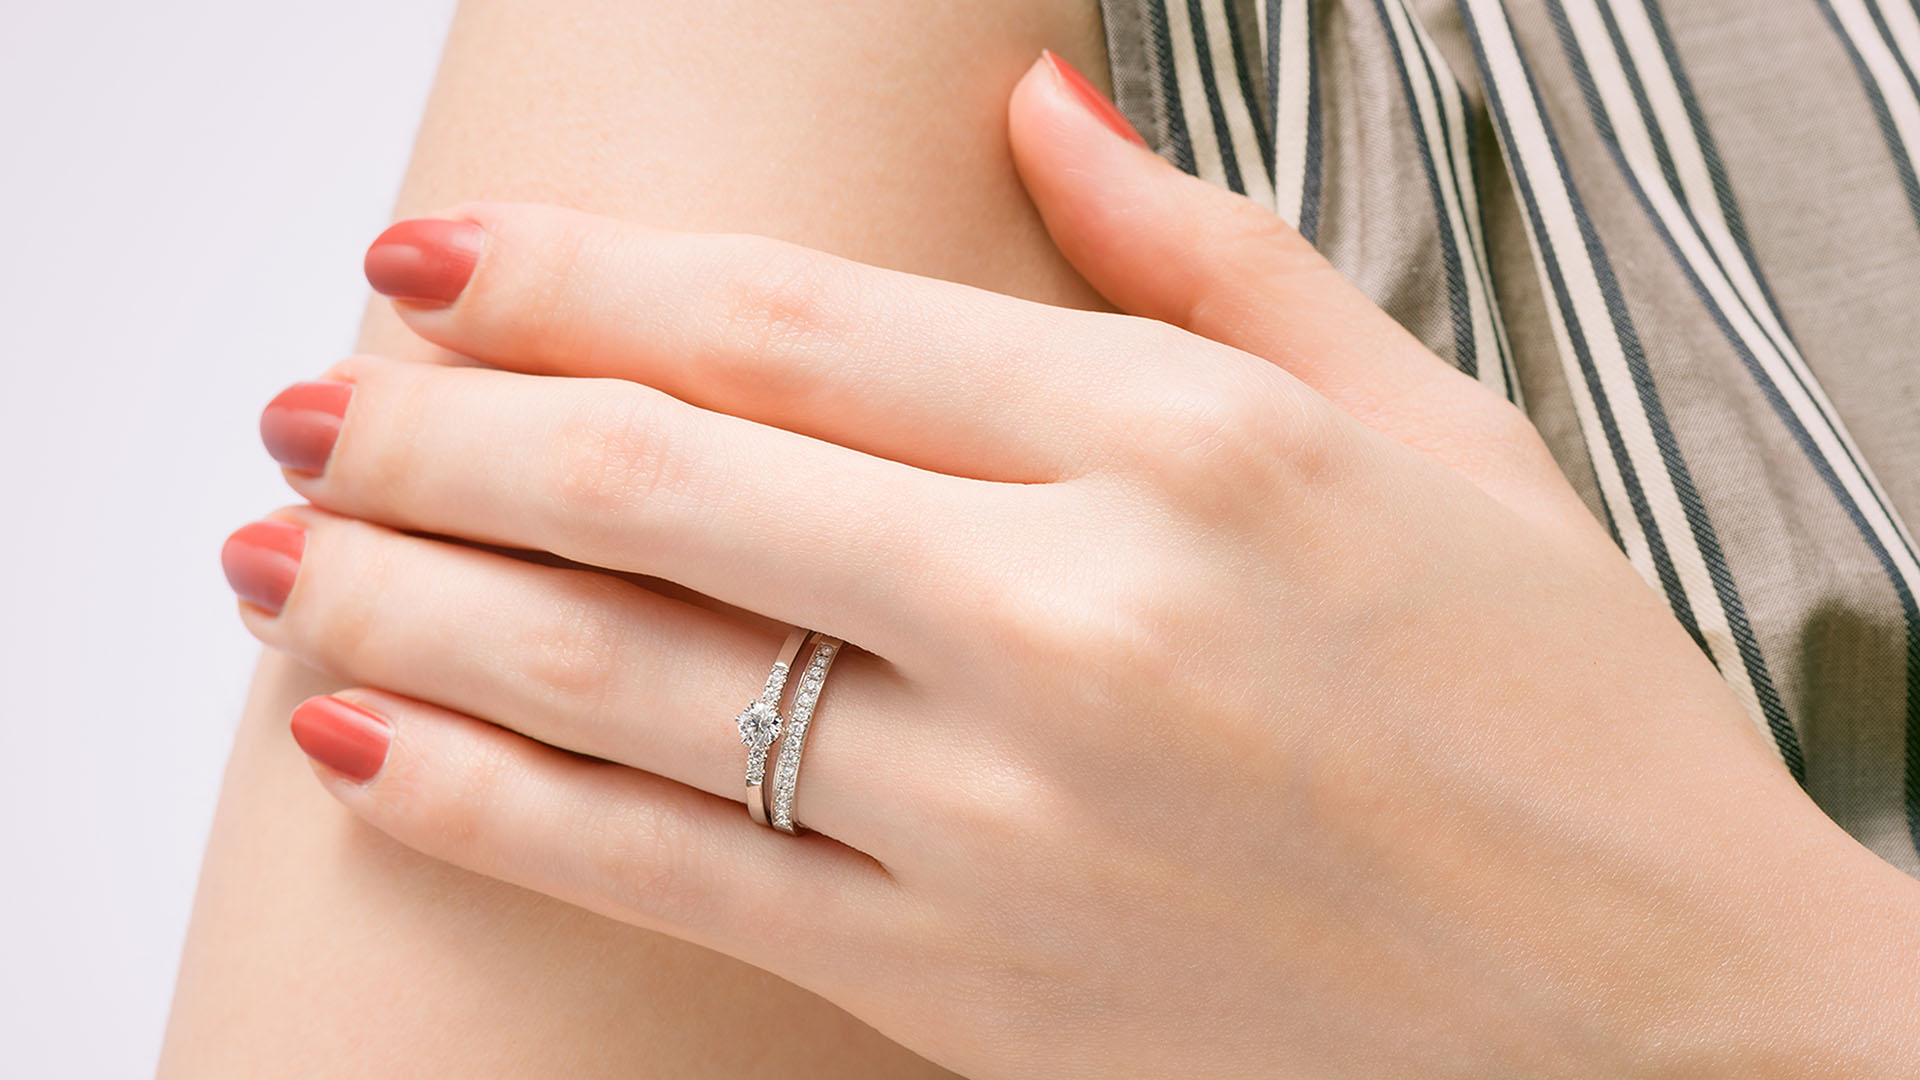 【NEW】statice スターチス   婚約指輪サムネイル 4